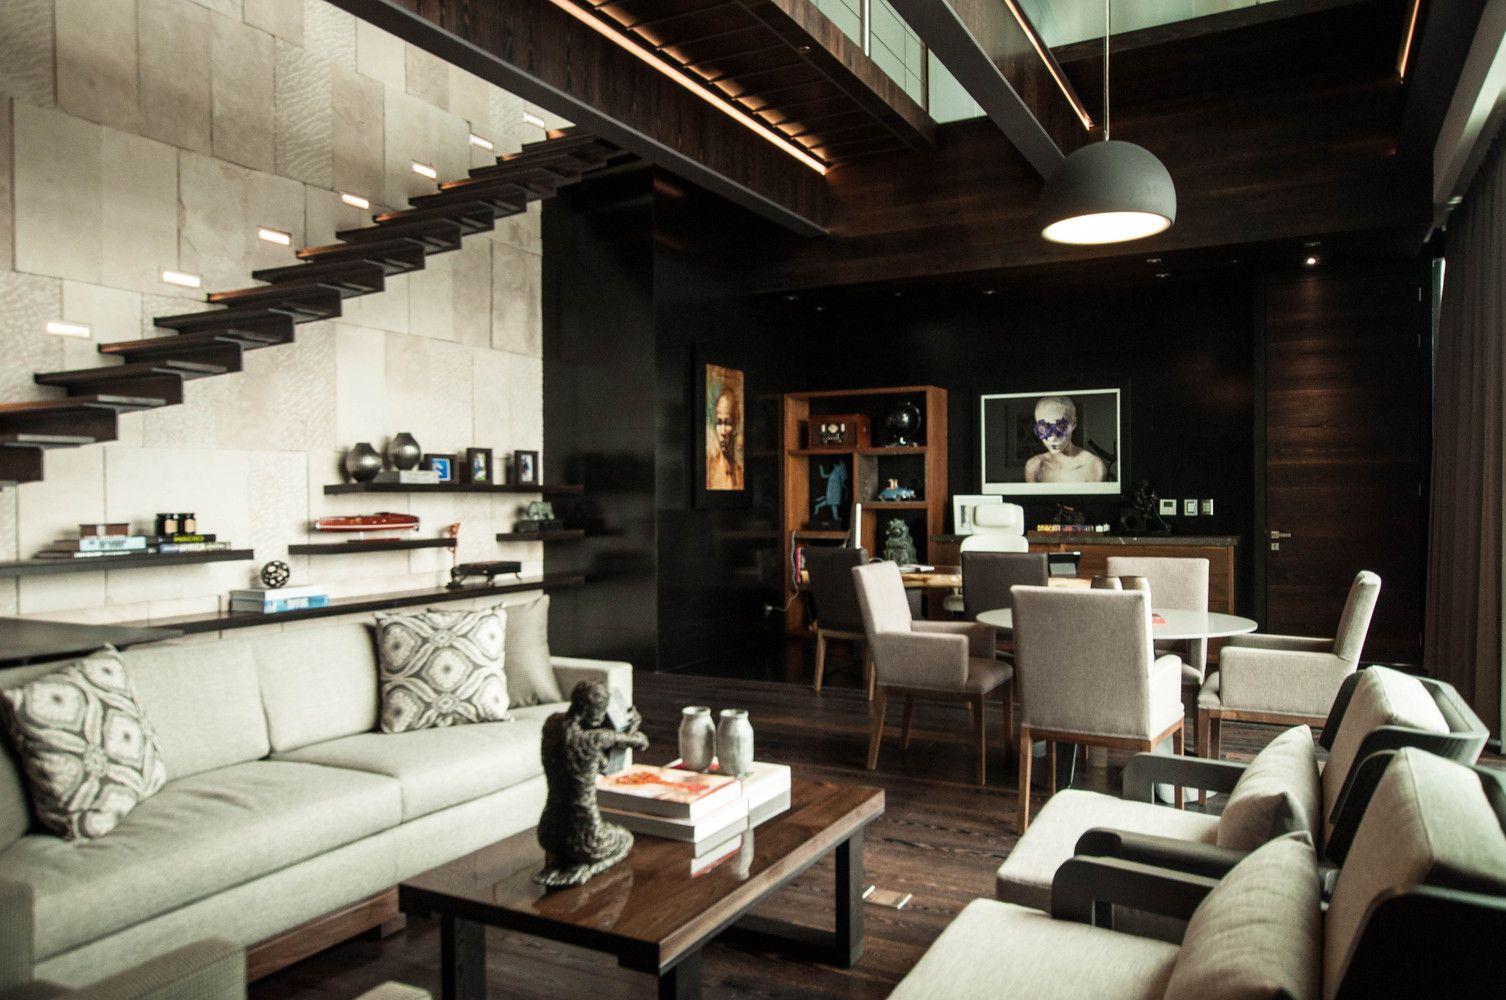 Galería de oficinas corporativas advance real estate arquipartners 4